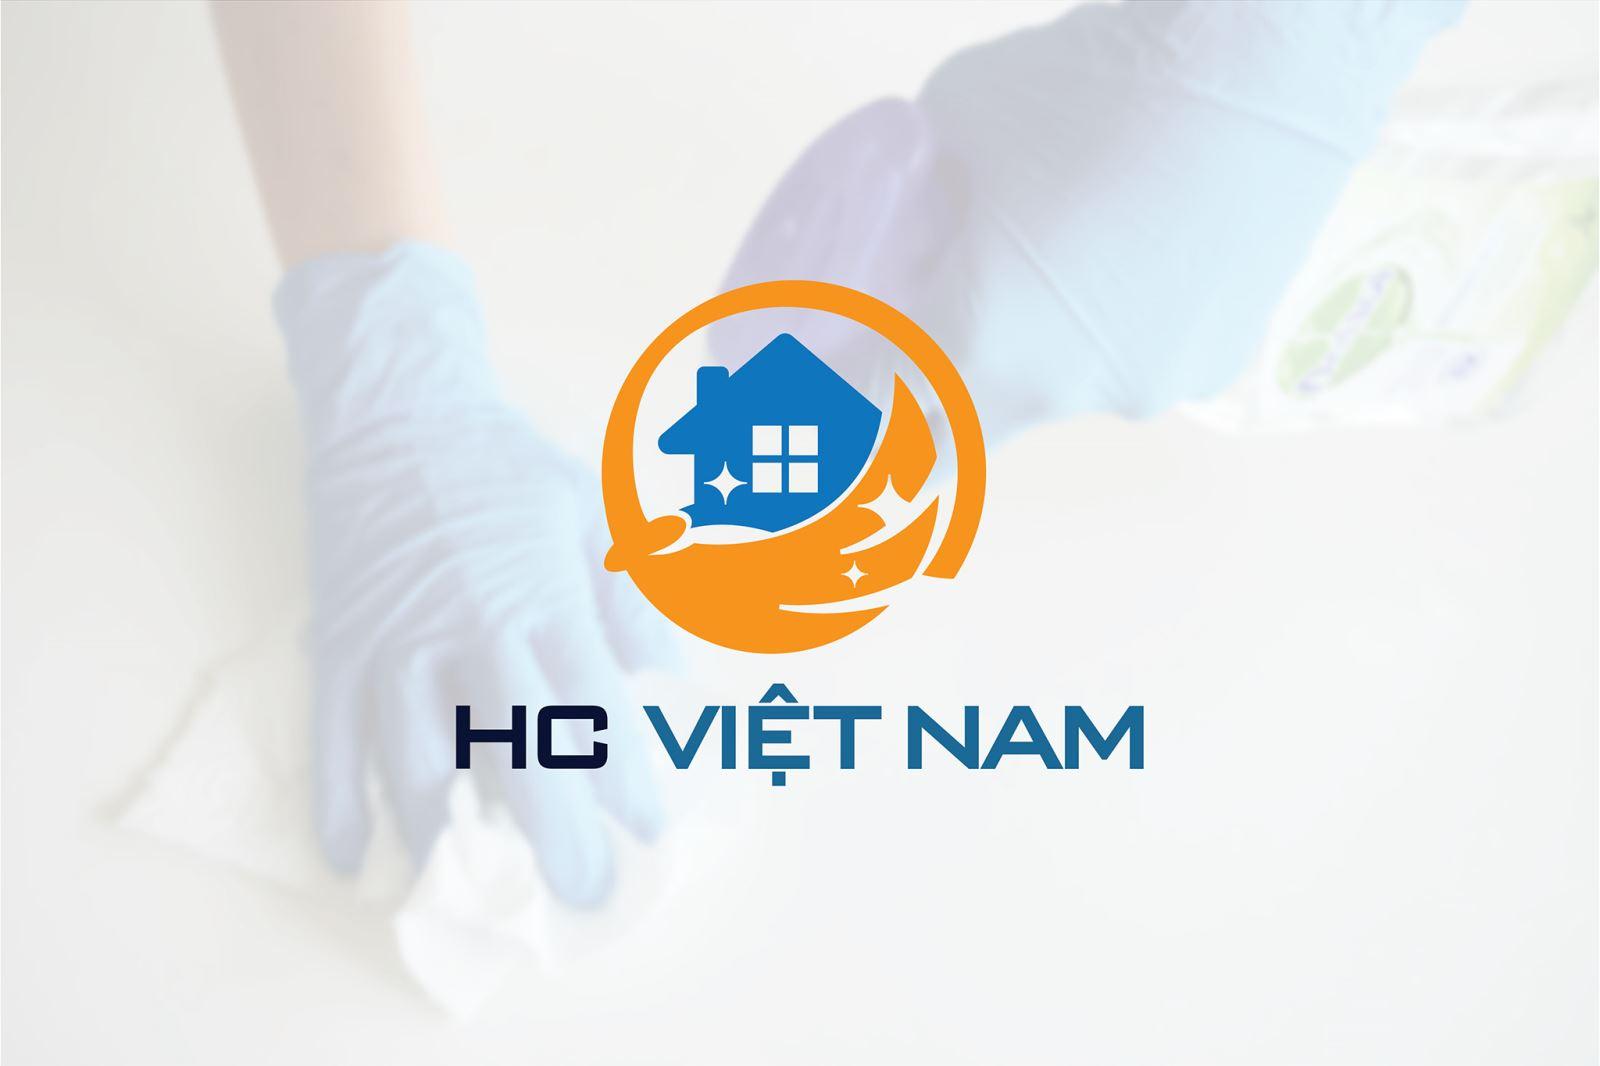 Thiết kế logo Thương hiệu chuyên về lĩnh vực vệ sinh công nghiệp